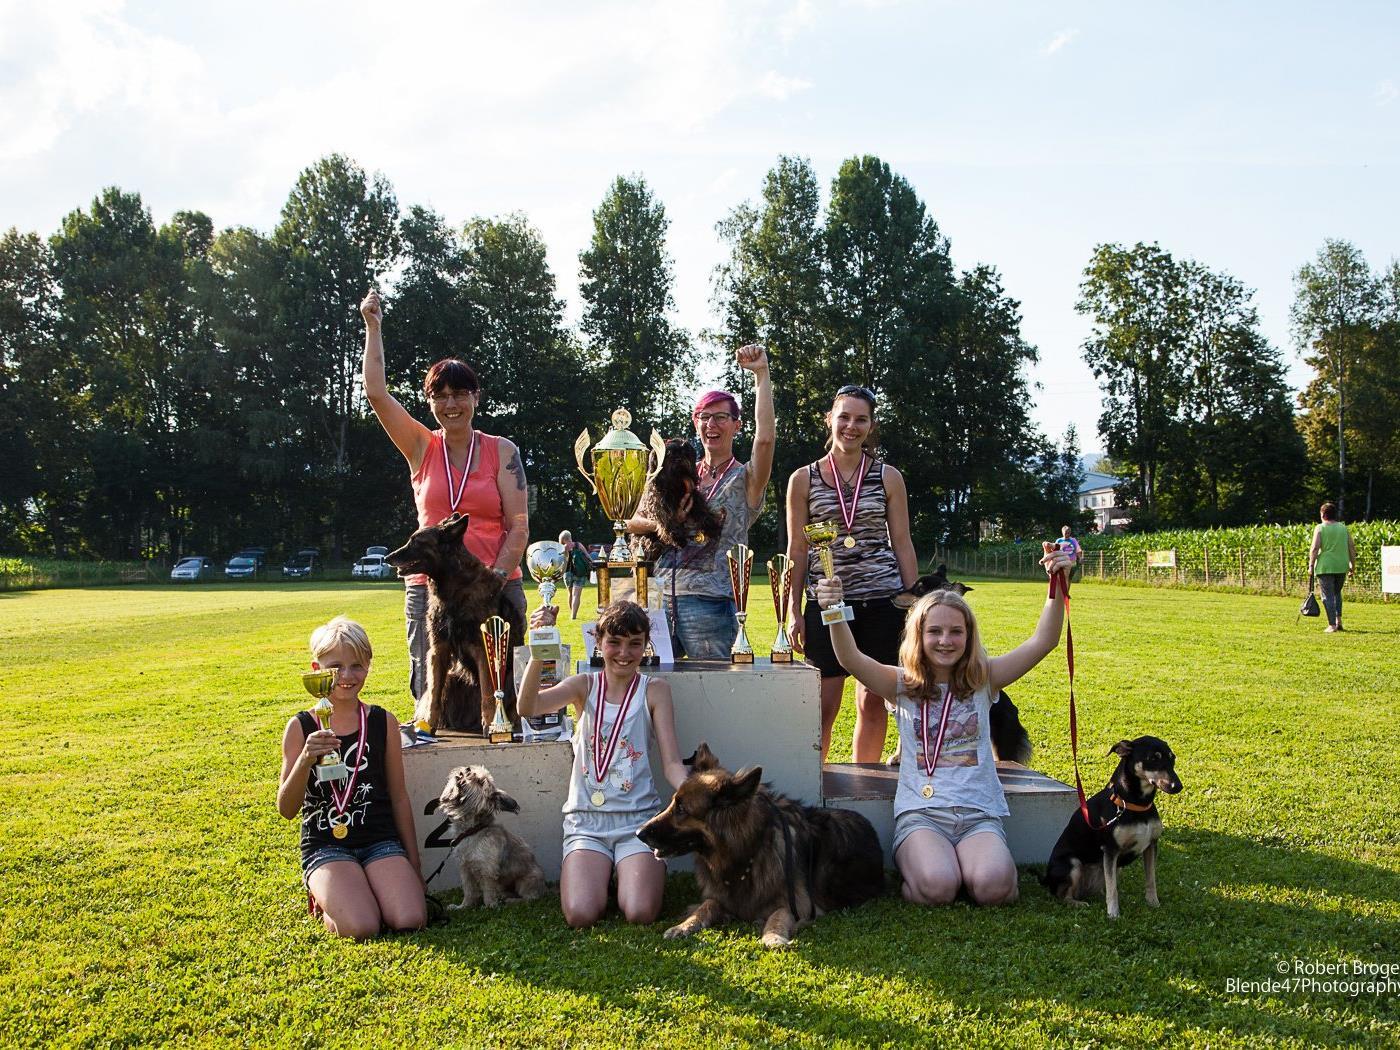 Die siegreichen Mensch-Hundegespanne. Erstmals gab es auch einen U-12-Bewerb für Kinder.